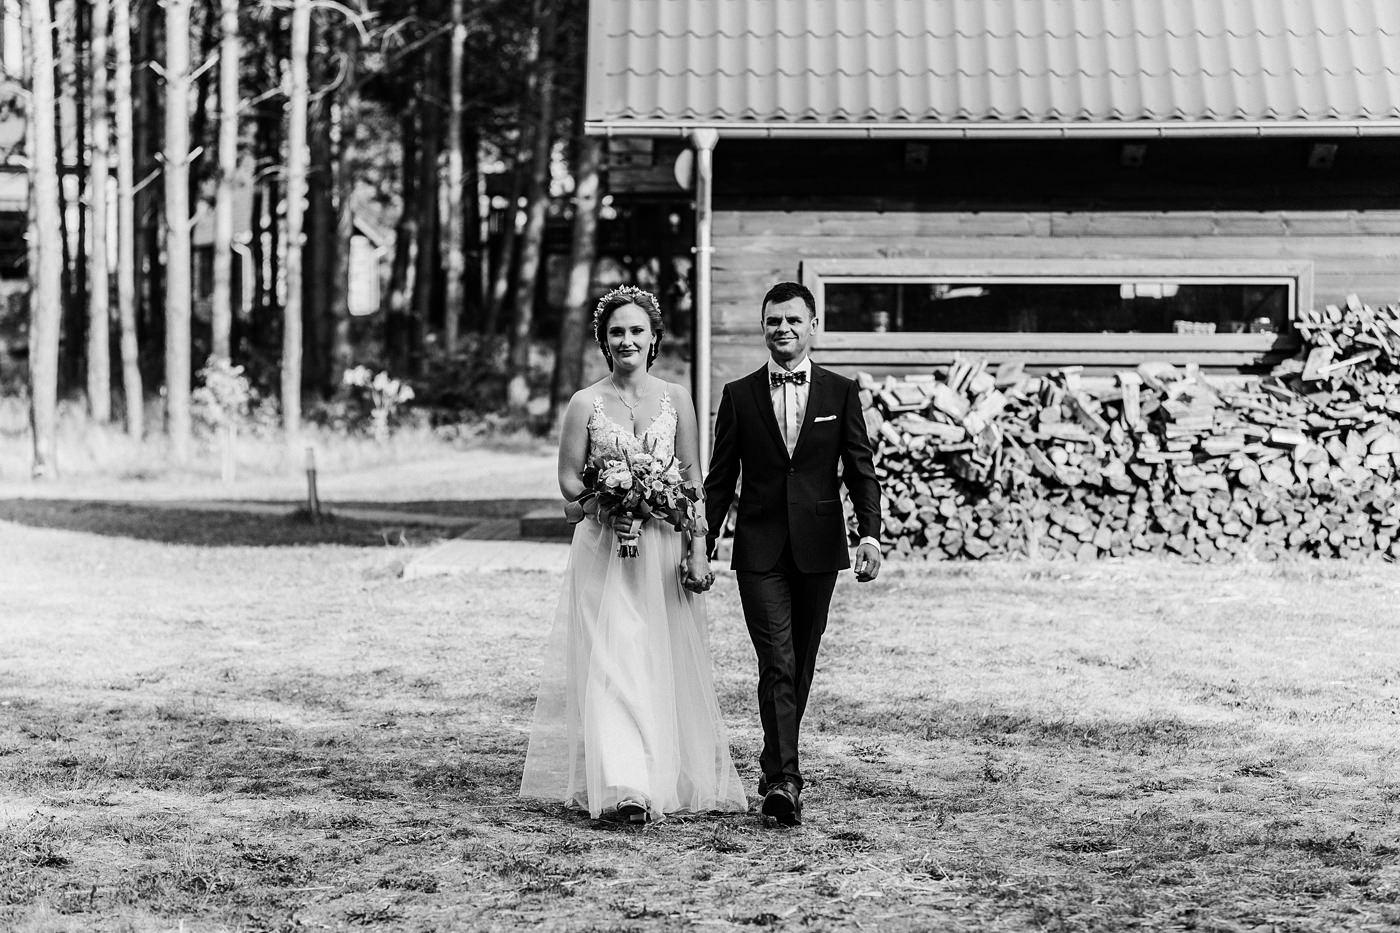 Anna & Wojtek - Ślub cywilny w plenerze - Barnówko w Sam Las 54